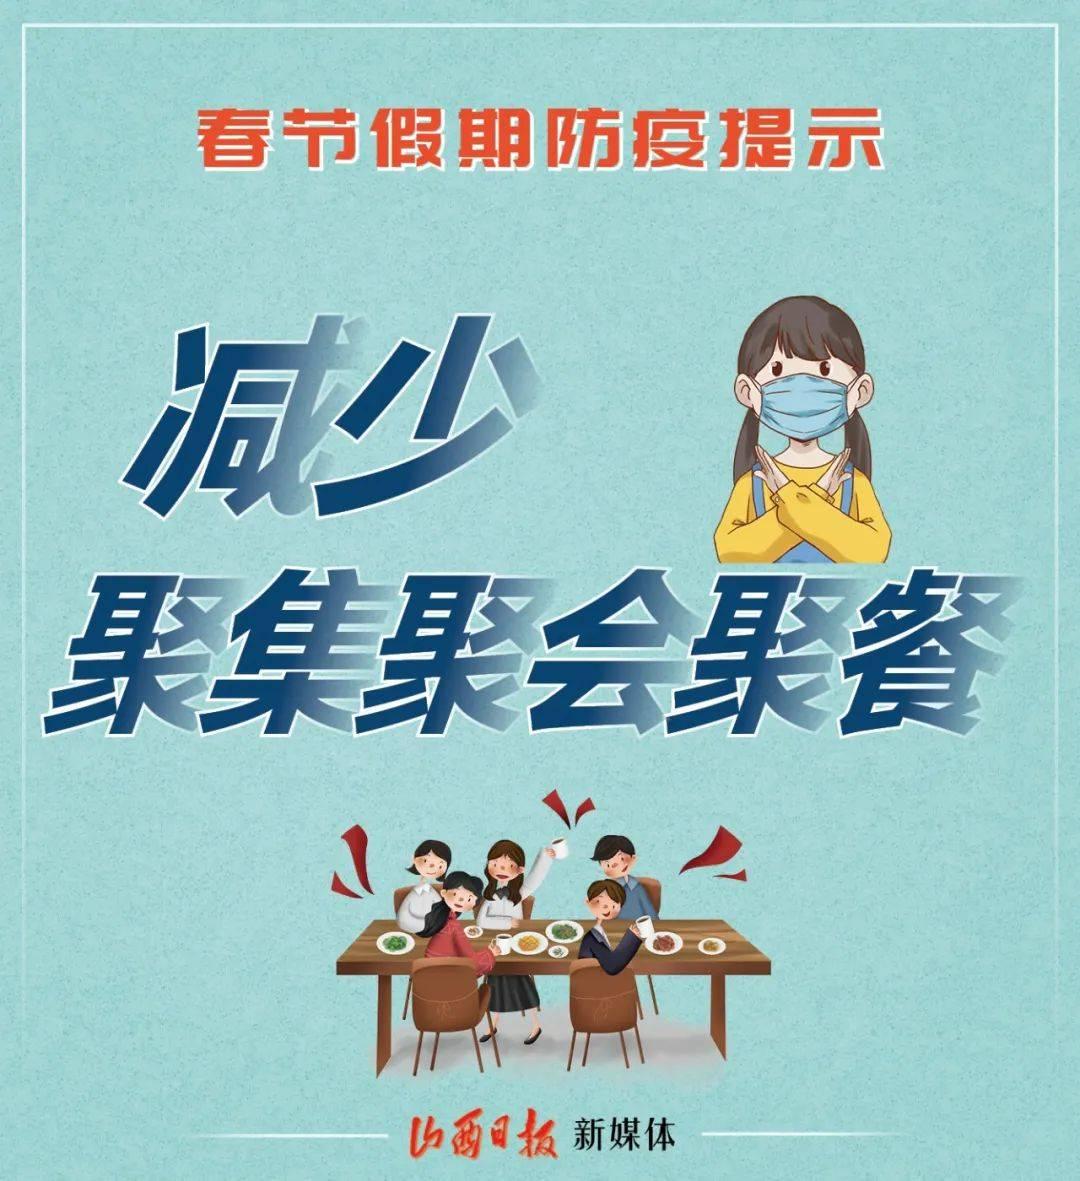 海报丨字不多,很重要!春节假期防控提示  第3张